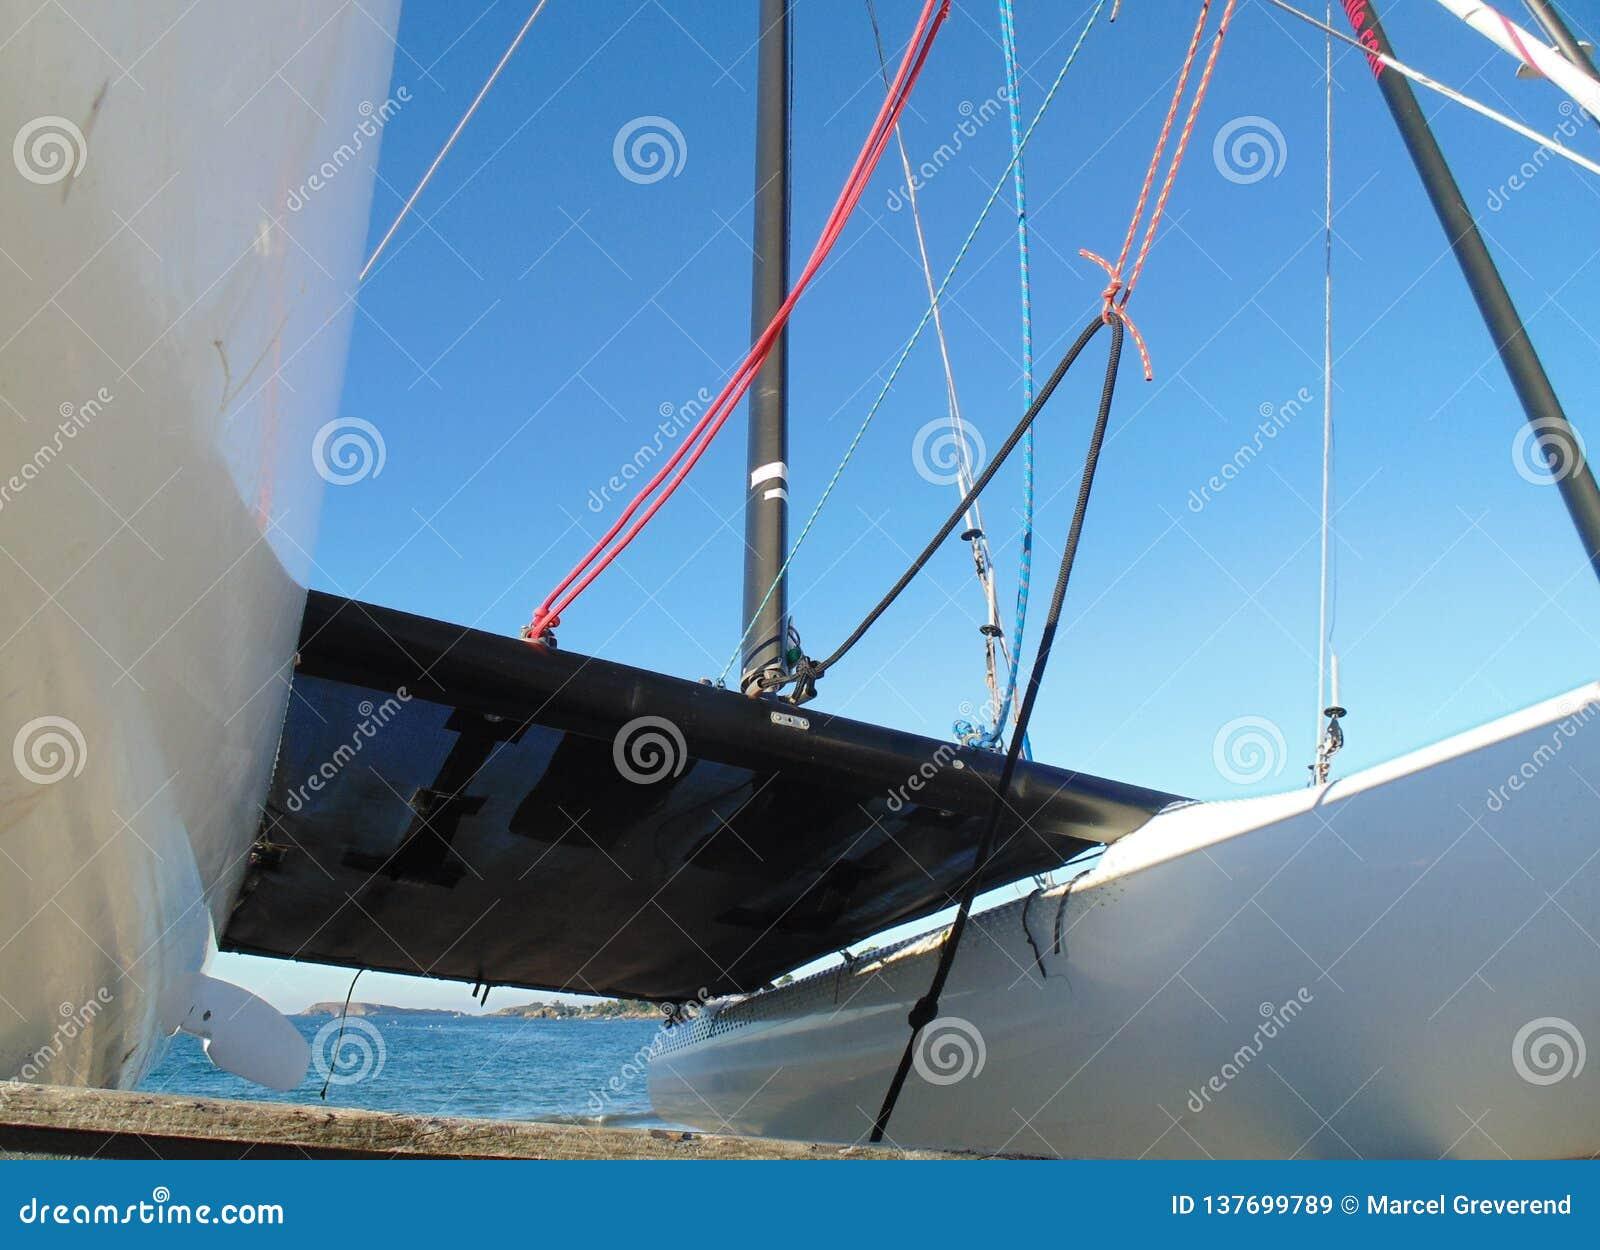 Juste devant le catamaran